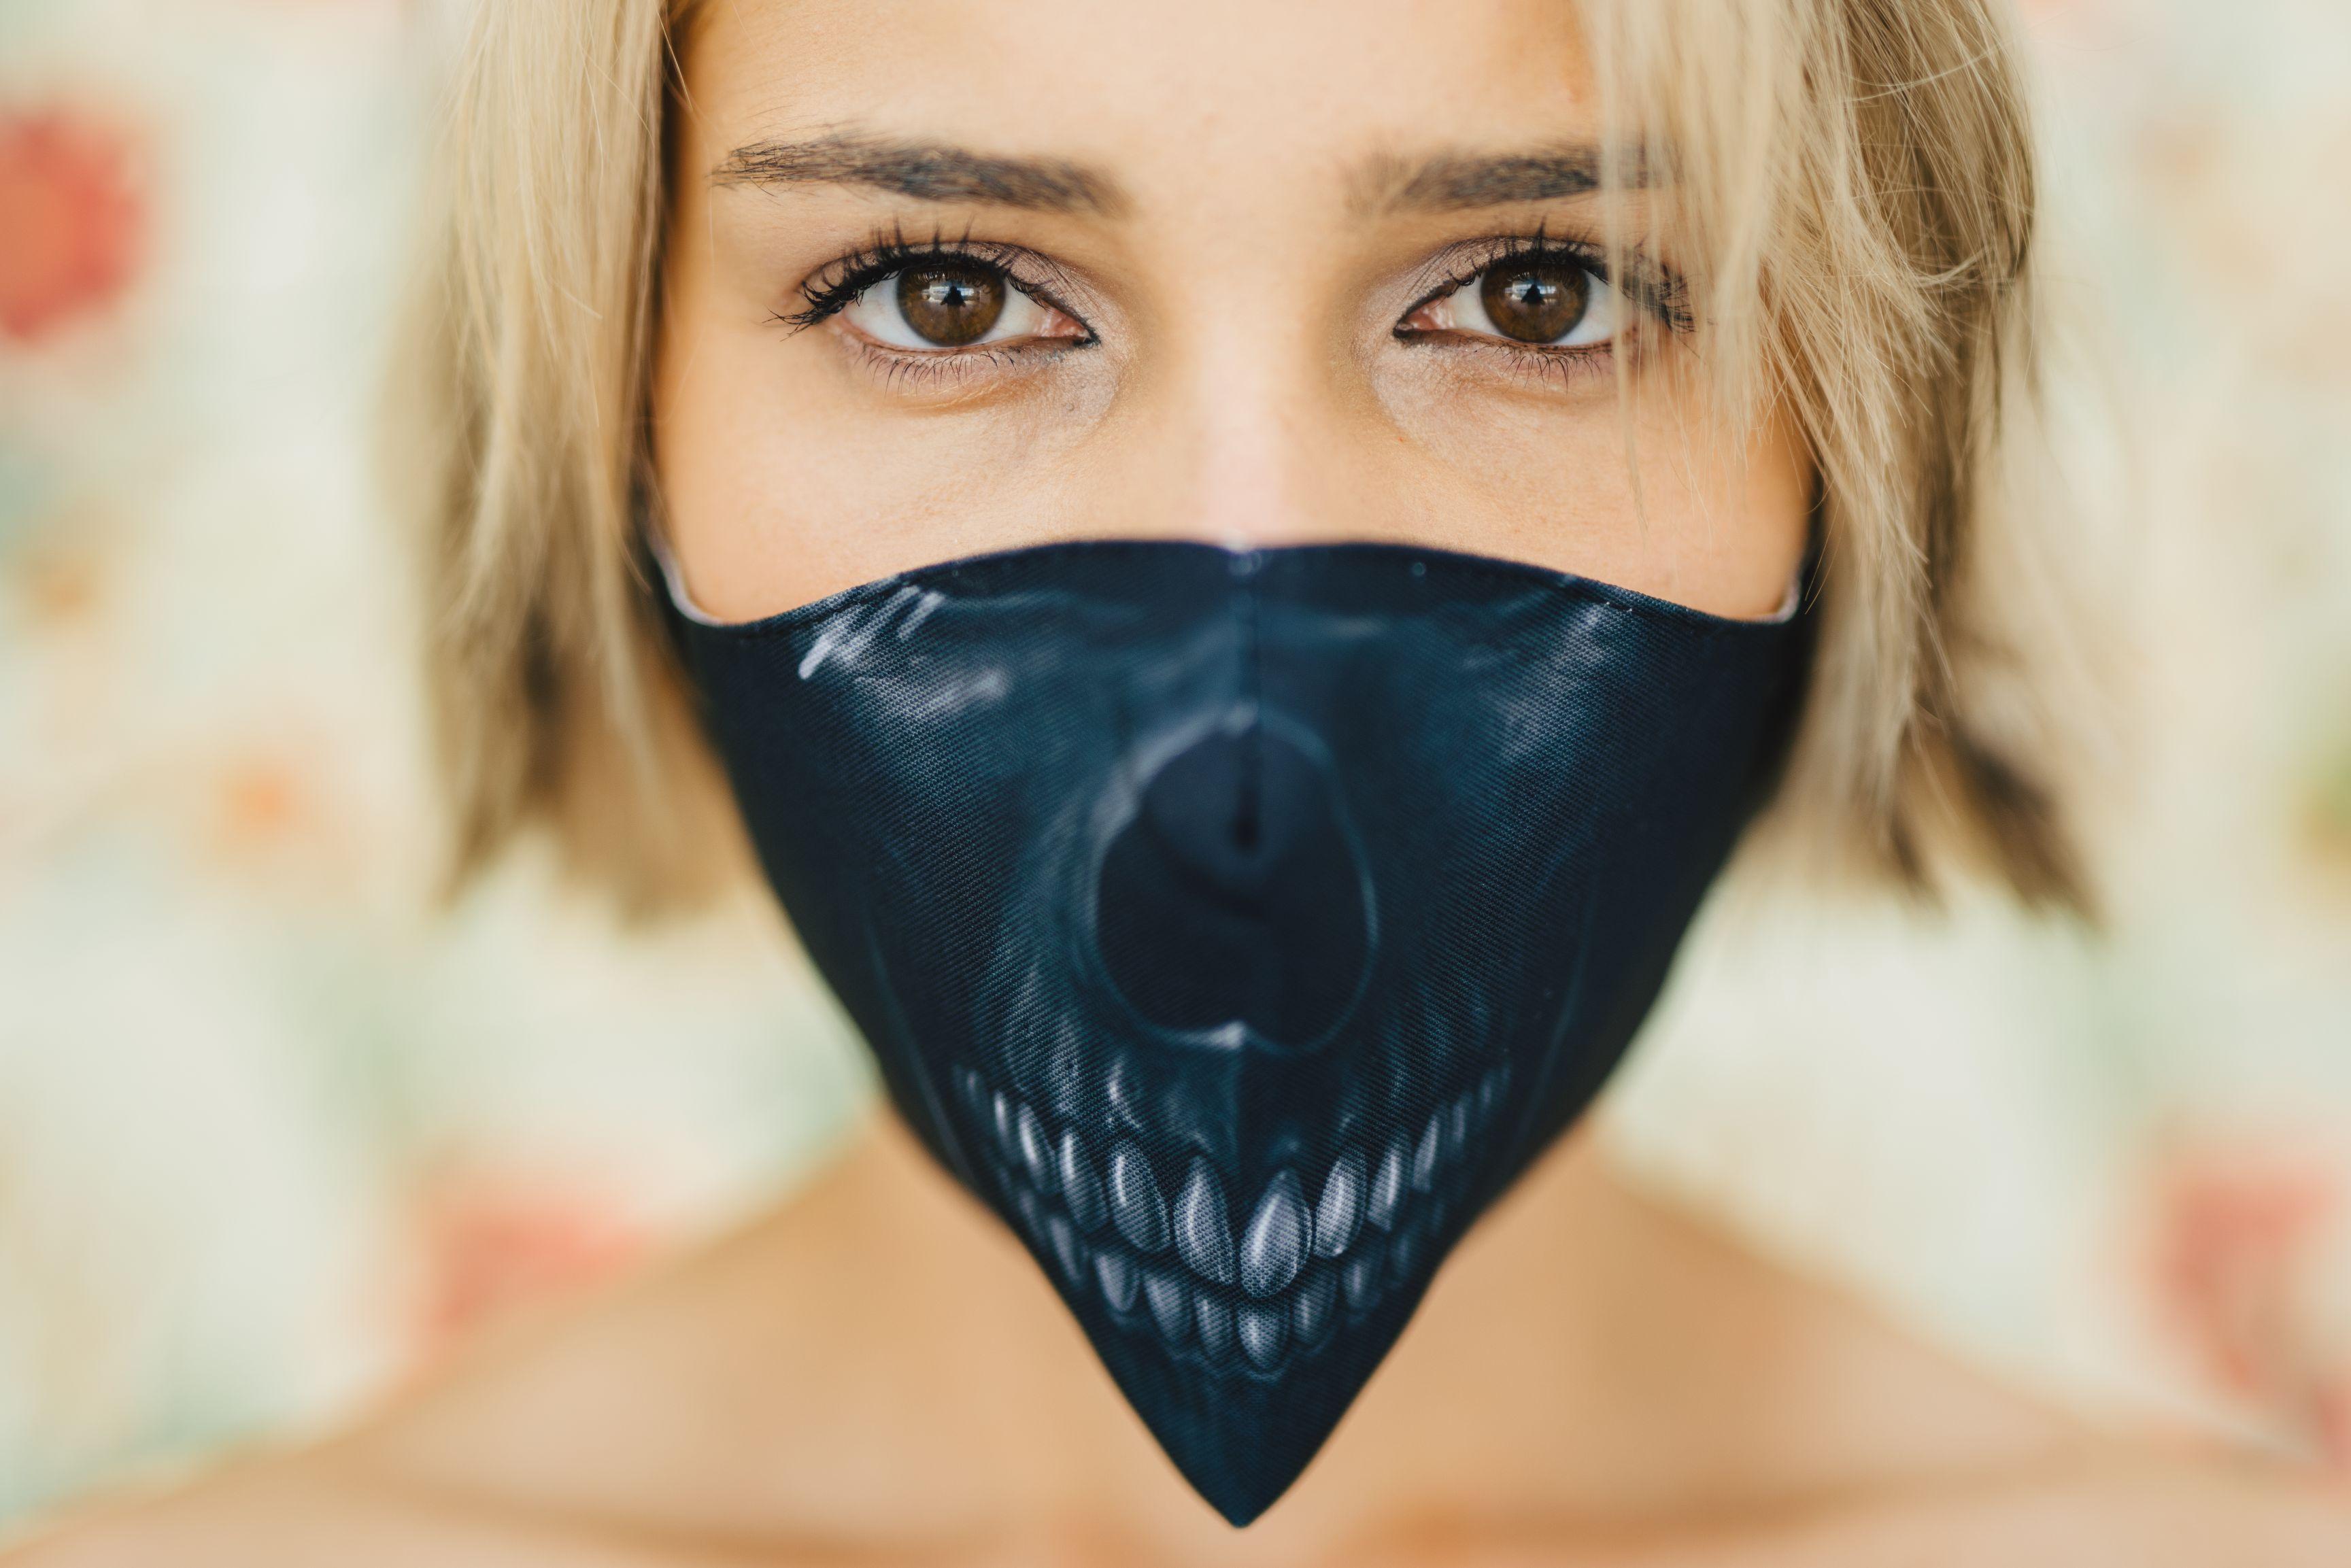 Mască Black Skull - 29 LEI |  PRINTCENTER - Tipar digital, offset, indoor, outdoor